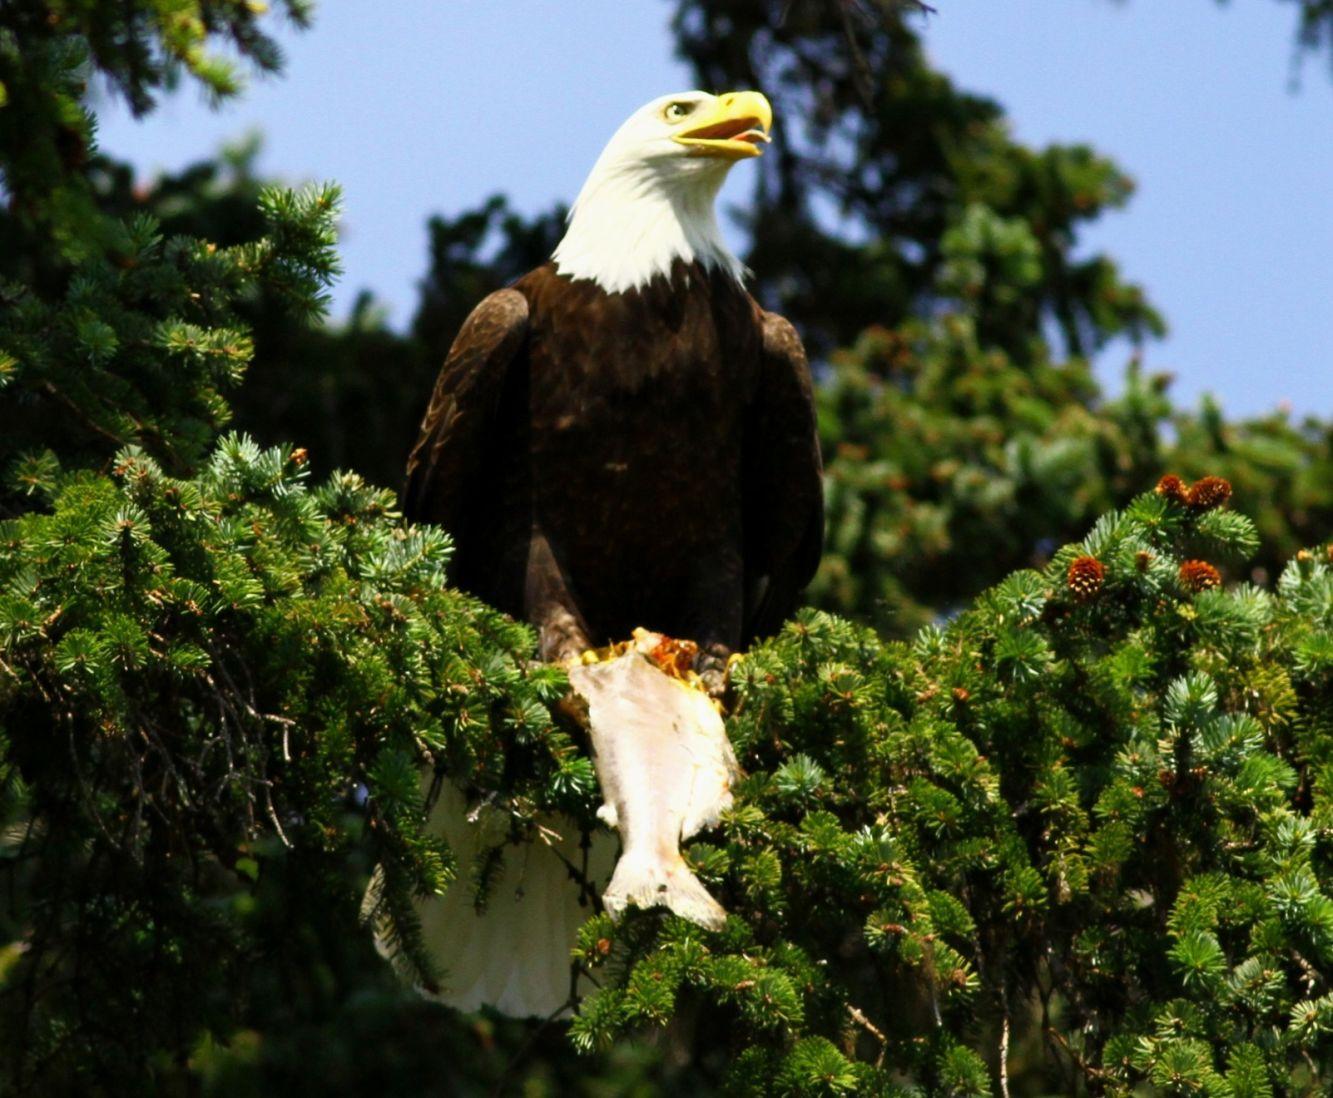 http://www.bartcop.com/astrocat-eagle-lunch.jpg